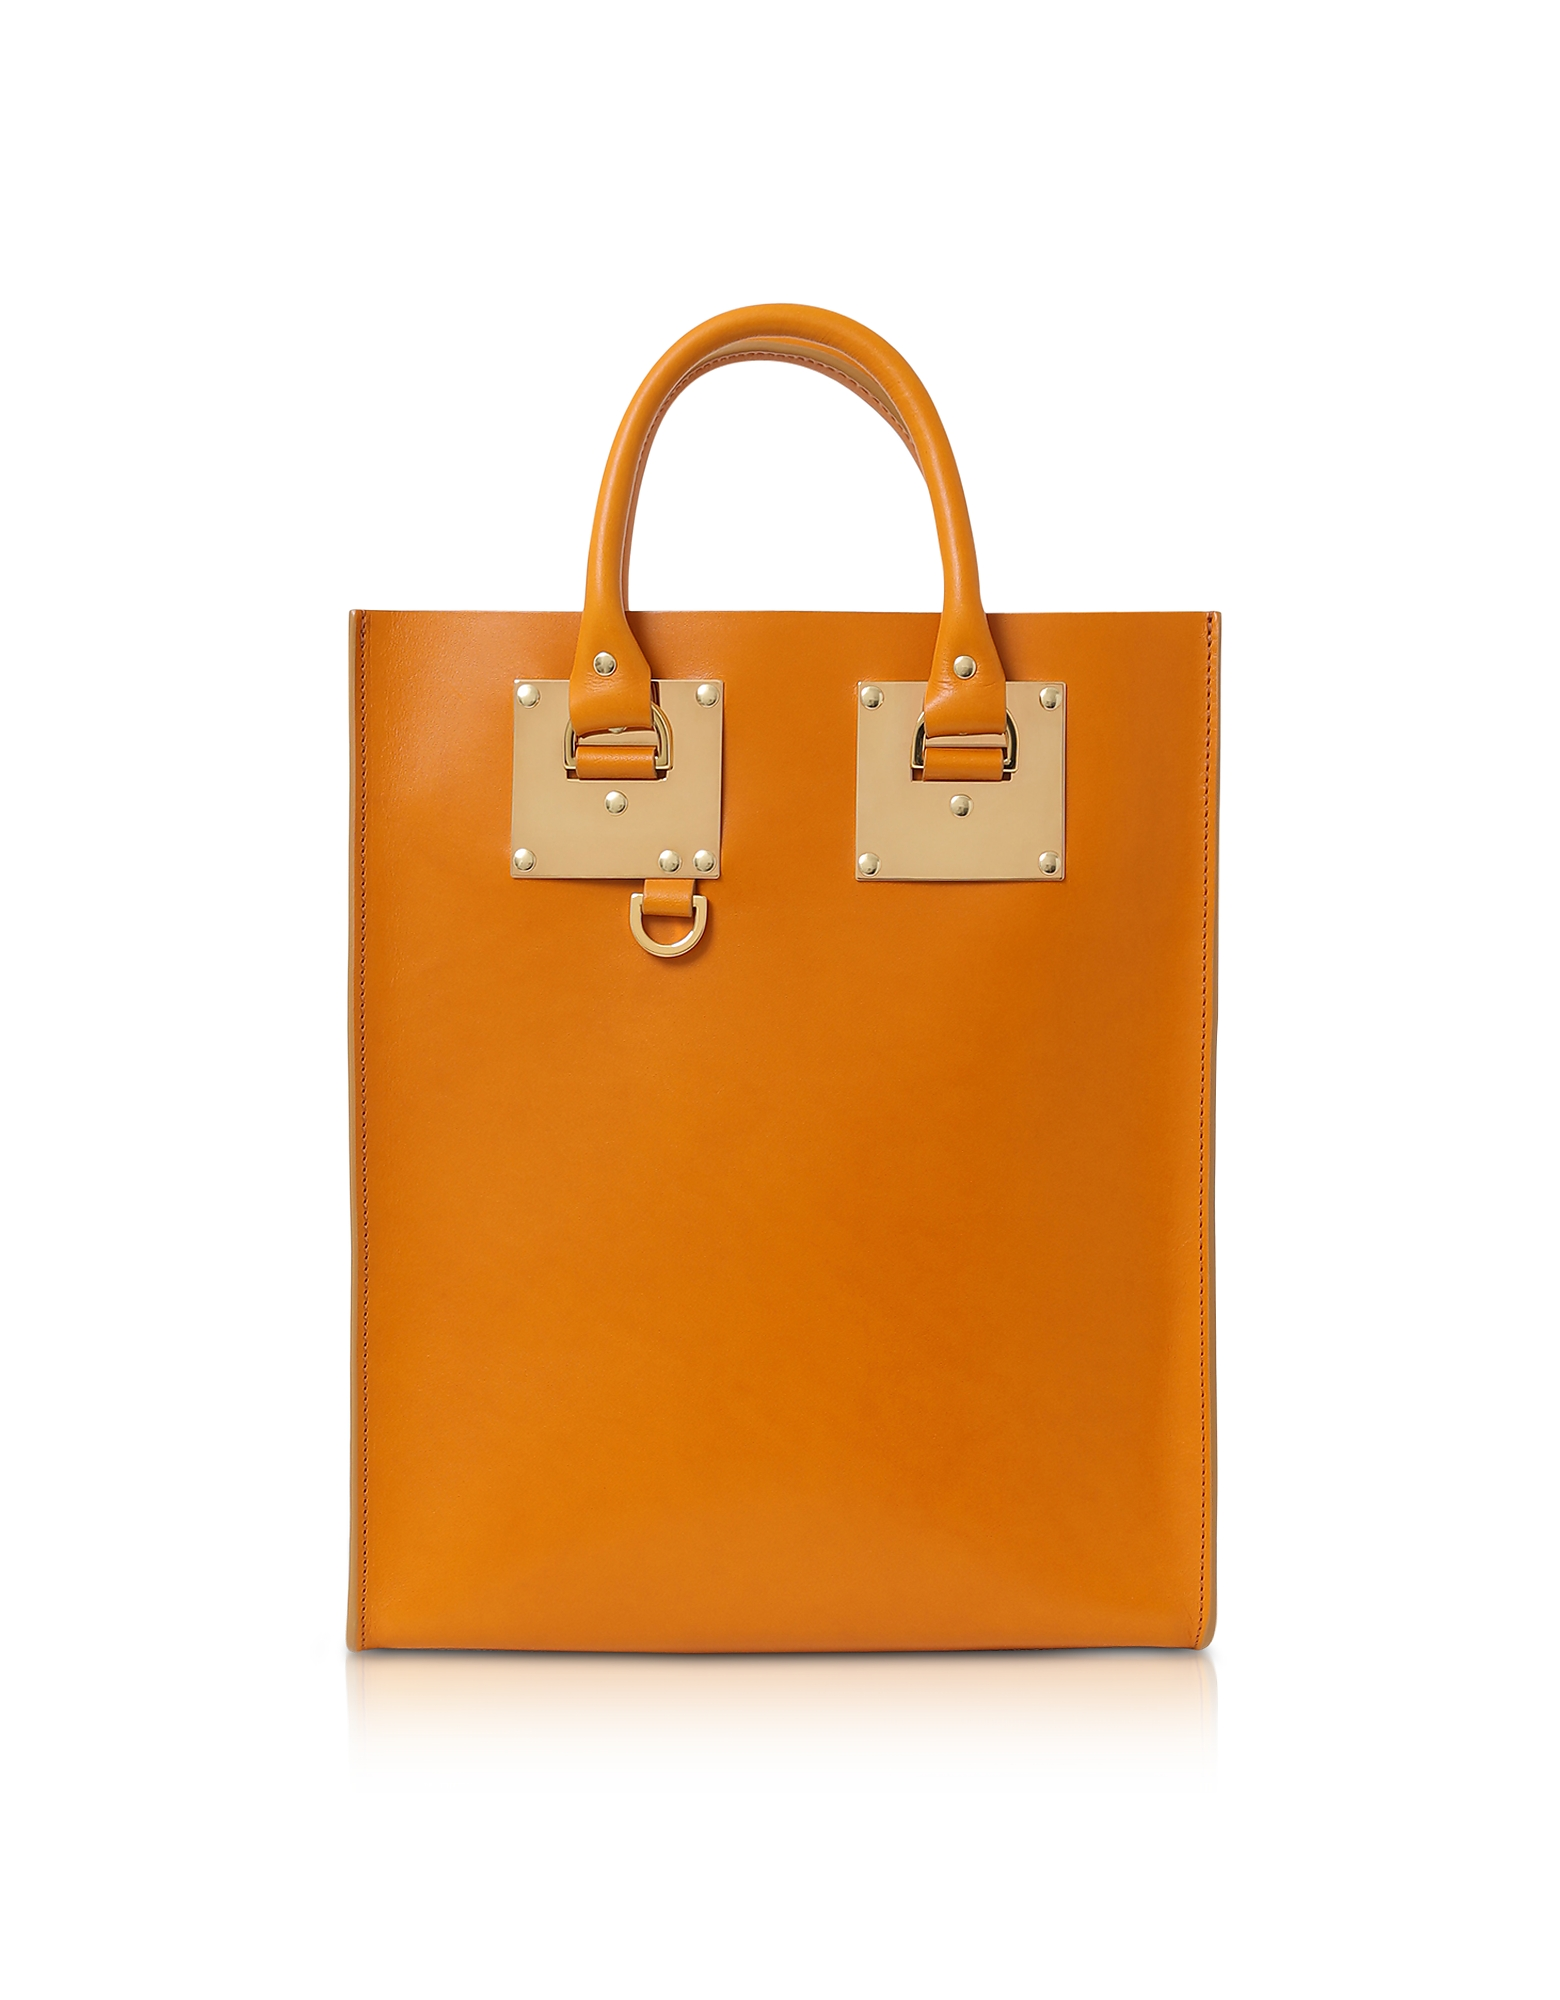 Mini Albion Toffee Shiny Saddle leather Tote Bag